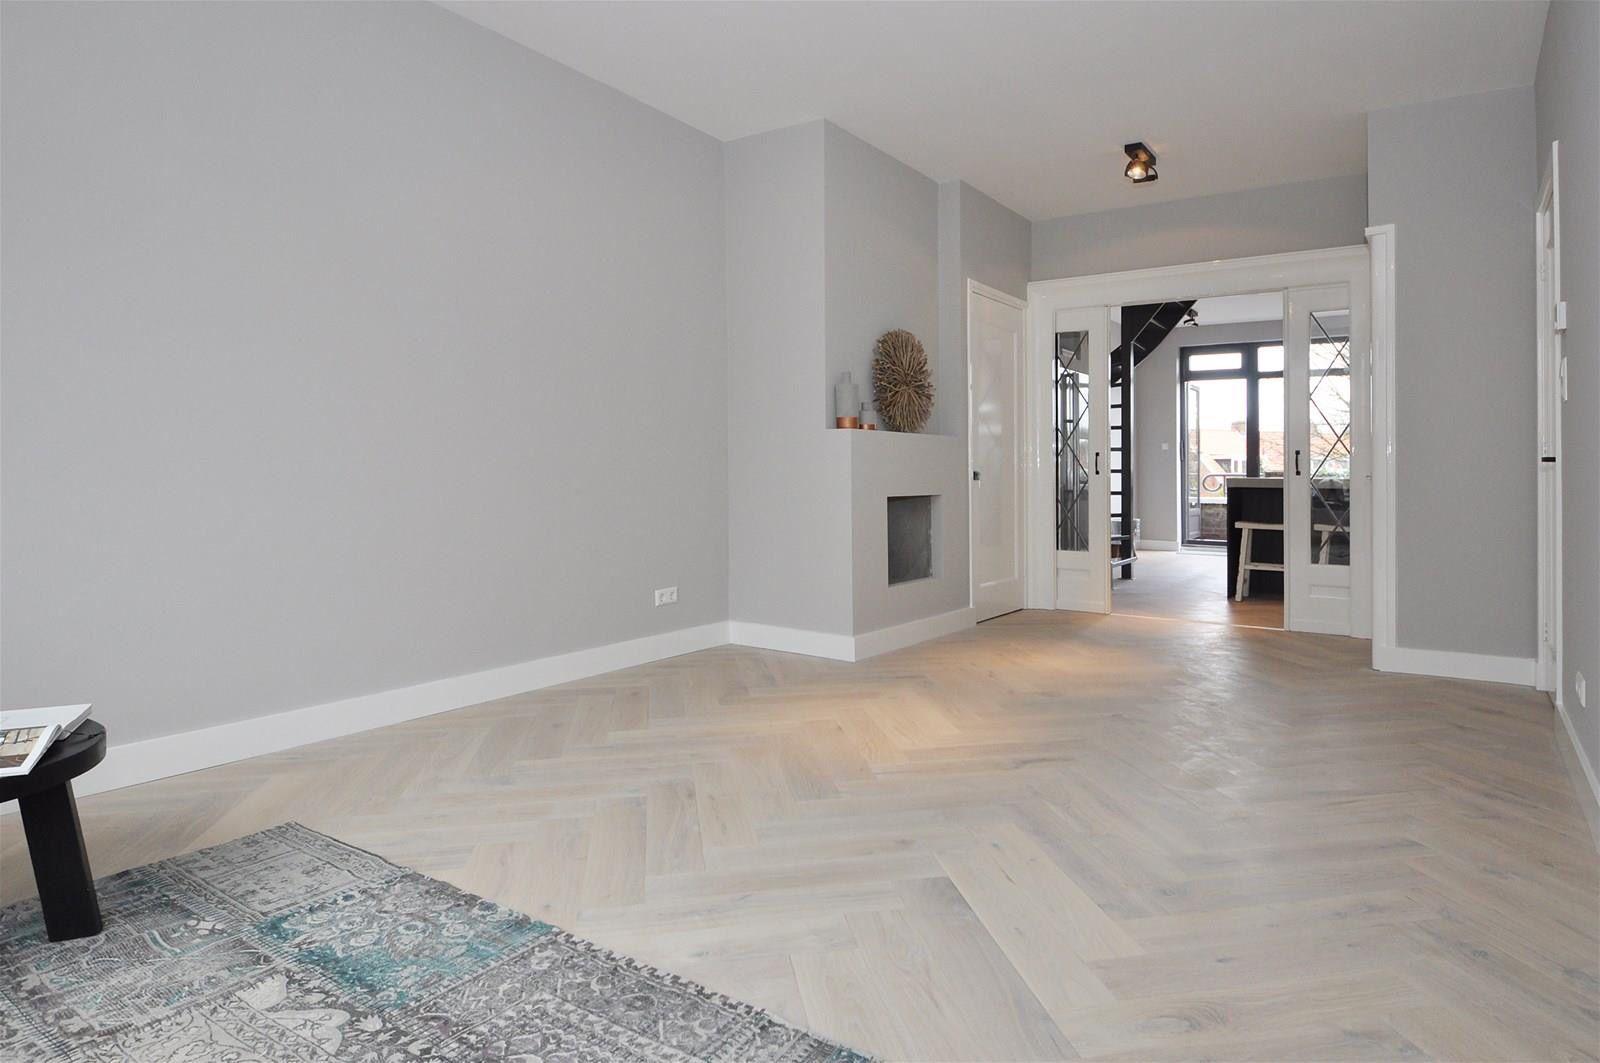 Visgraatvloer licht grijze wanden  B  S in 2019  Huis